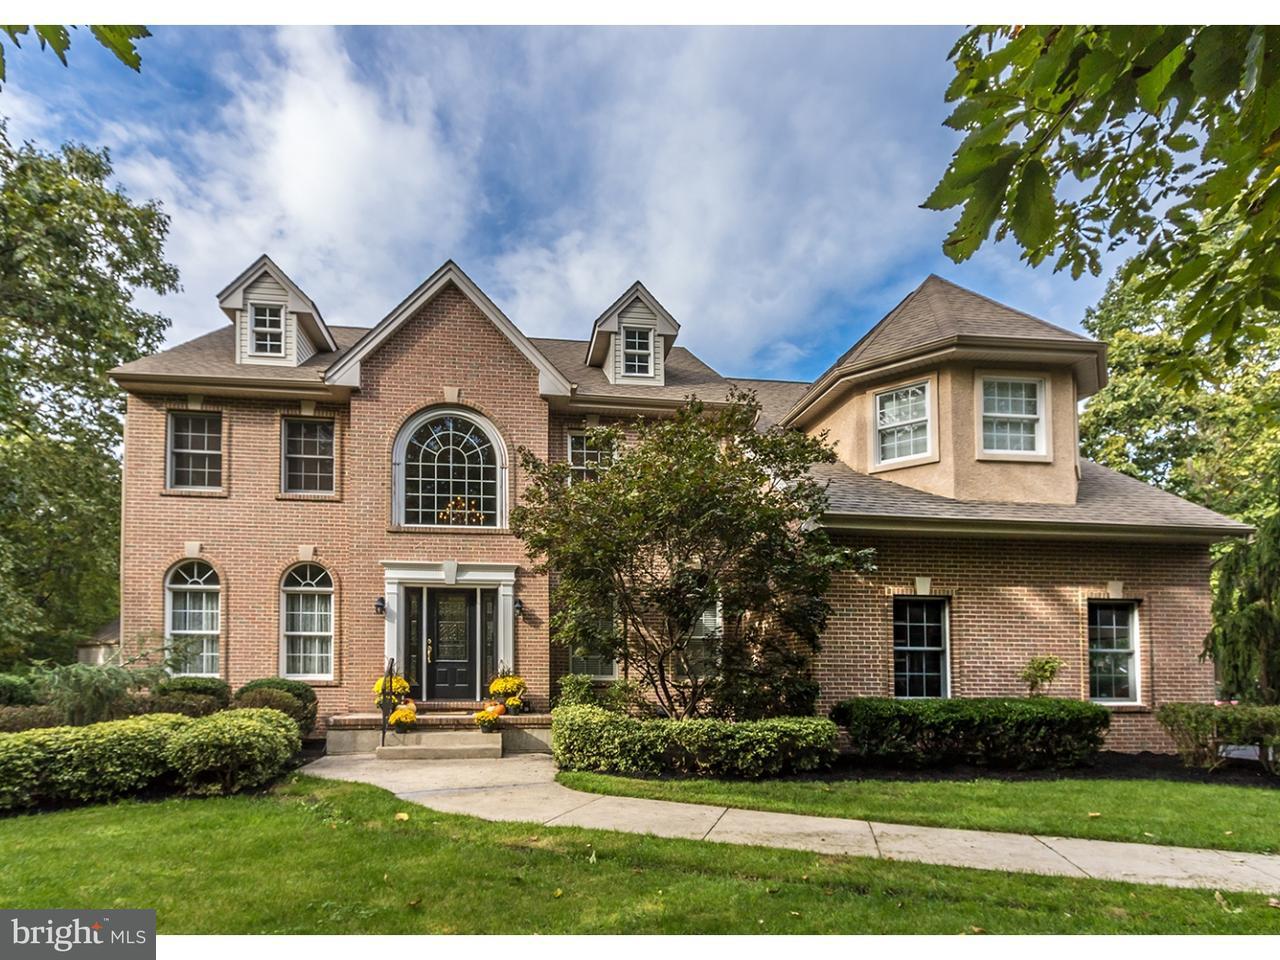 独户住宅 为 销售 在 2 THOMAS EAKINS WAY Marlton, 新泽西州 08053 美国